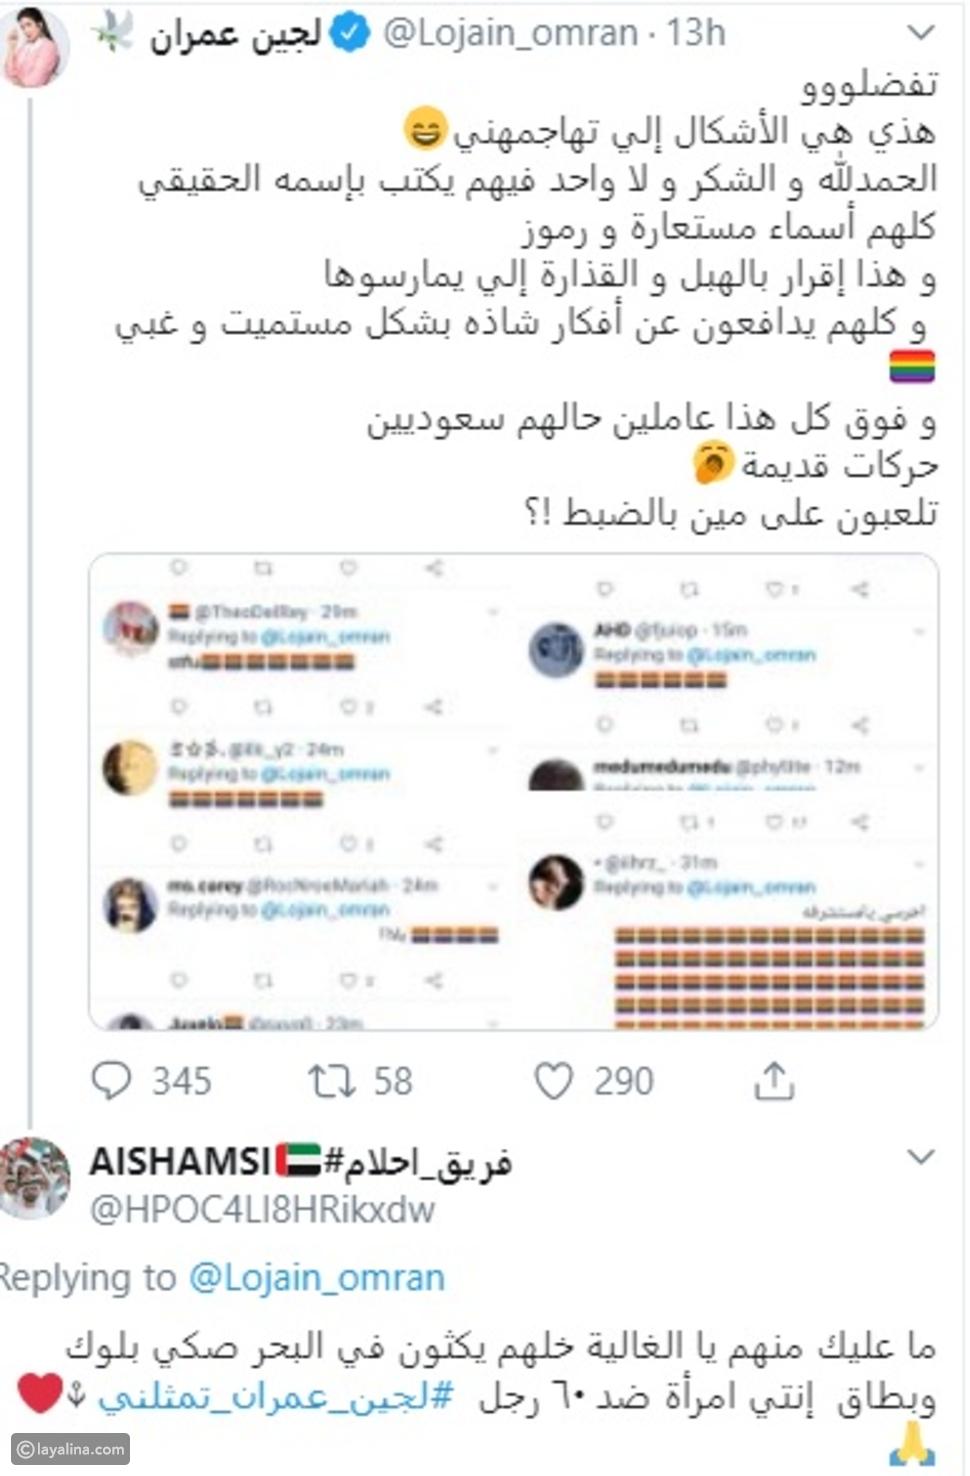 رد أحلام على لجين عمران